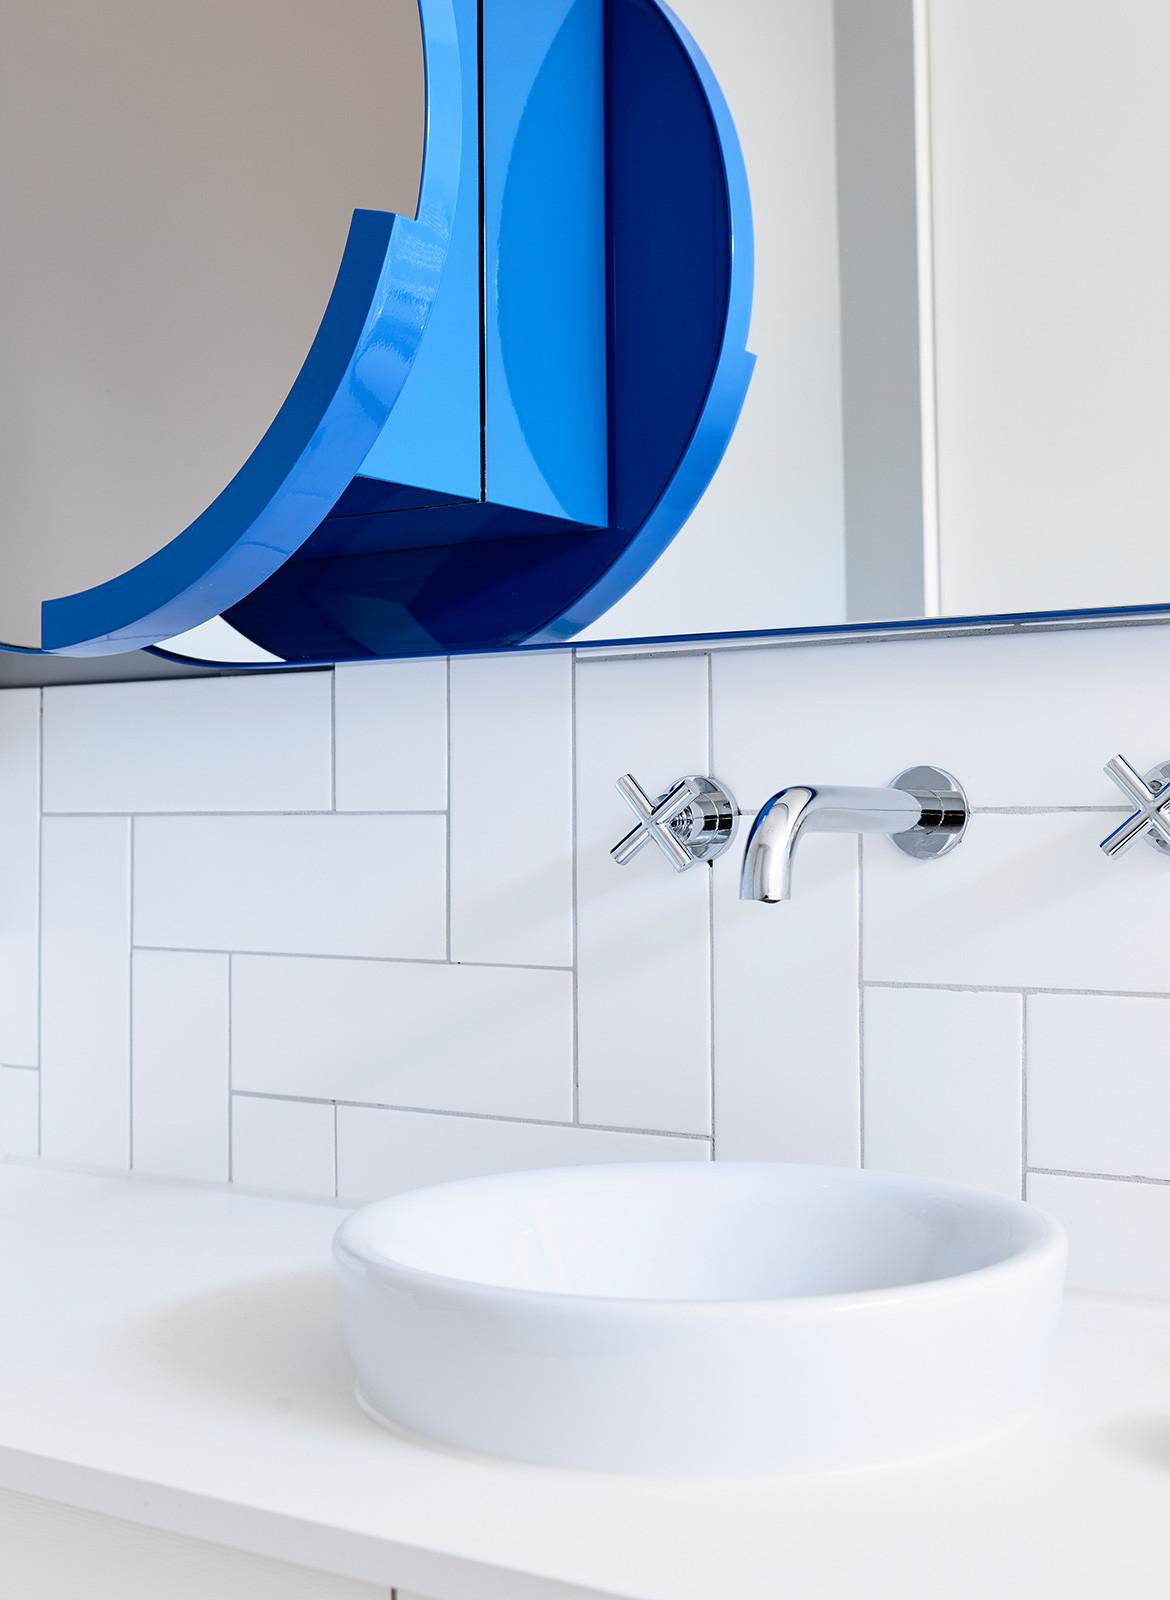 Doherty Design Studio Kew Residences CC Derek Swalwell mirror vanity details